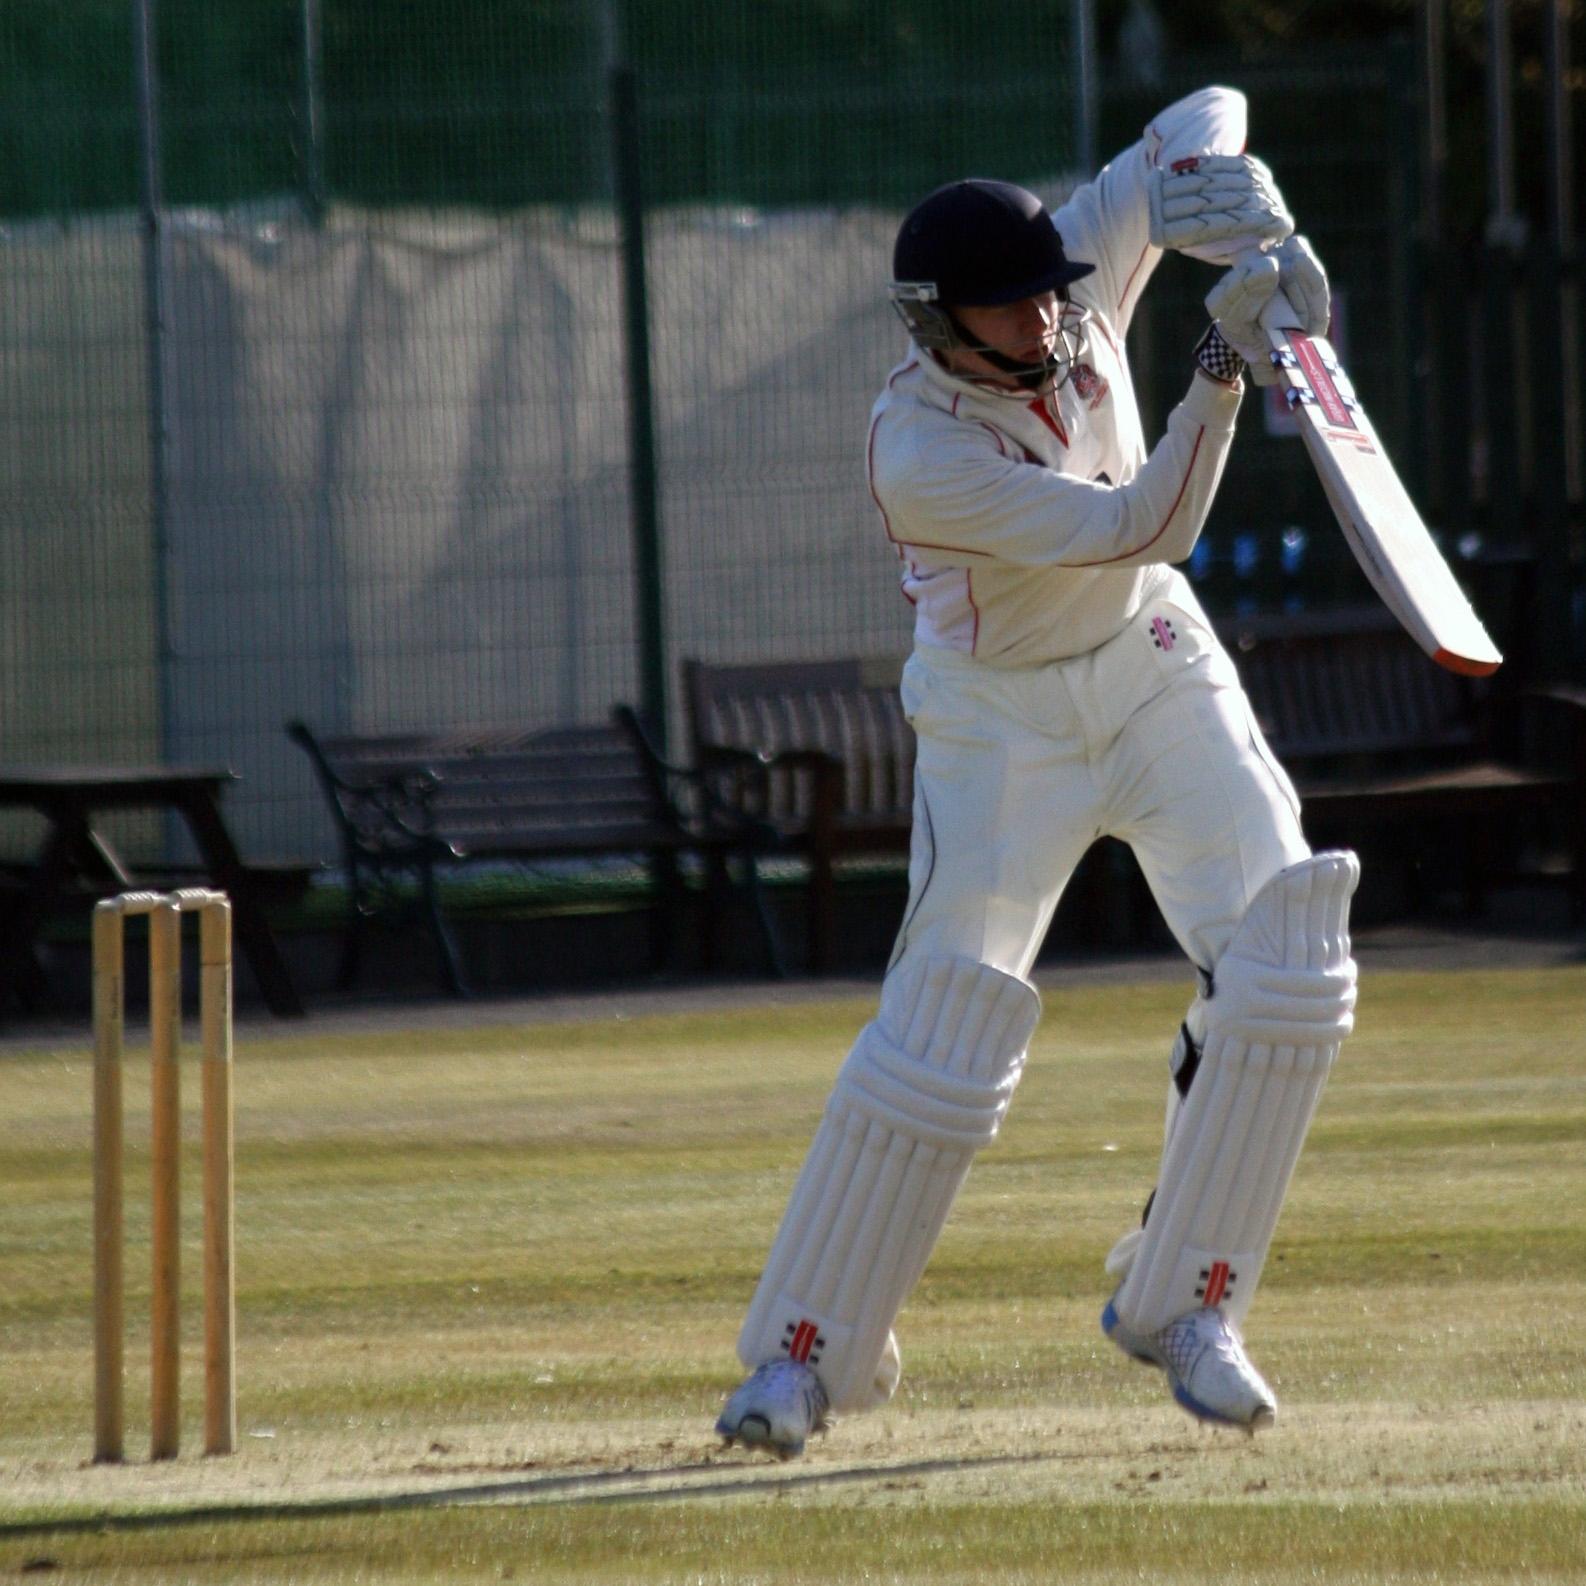 cricket leigh viner